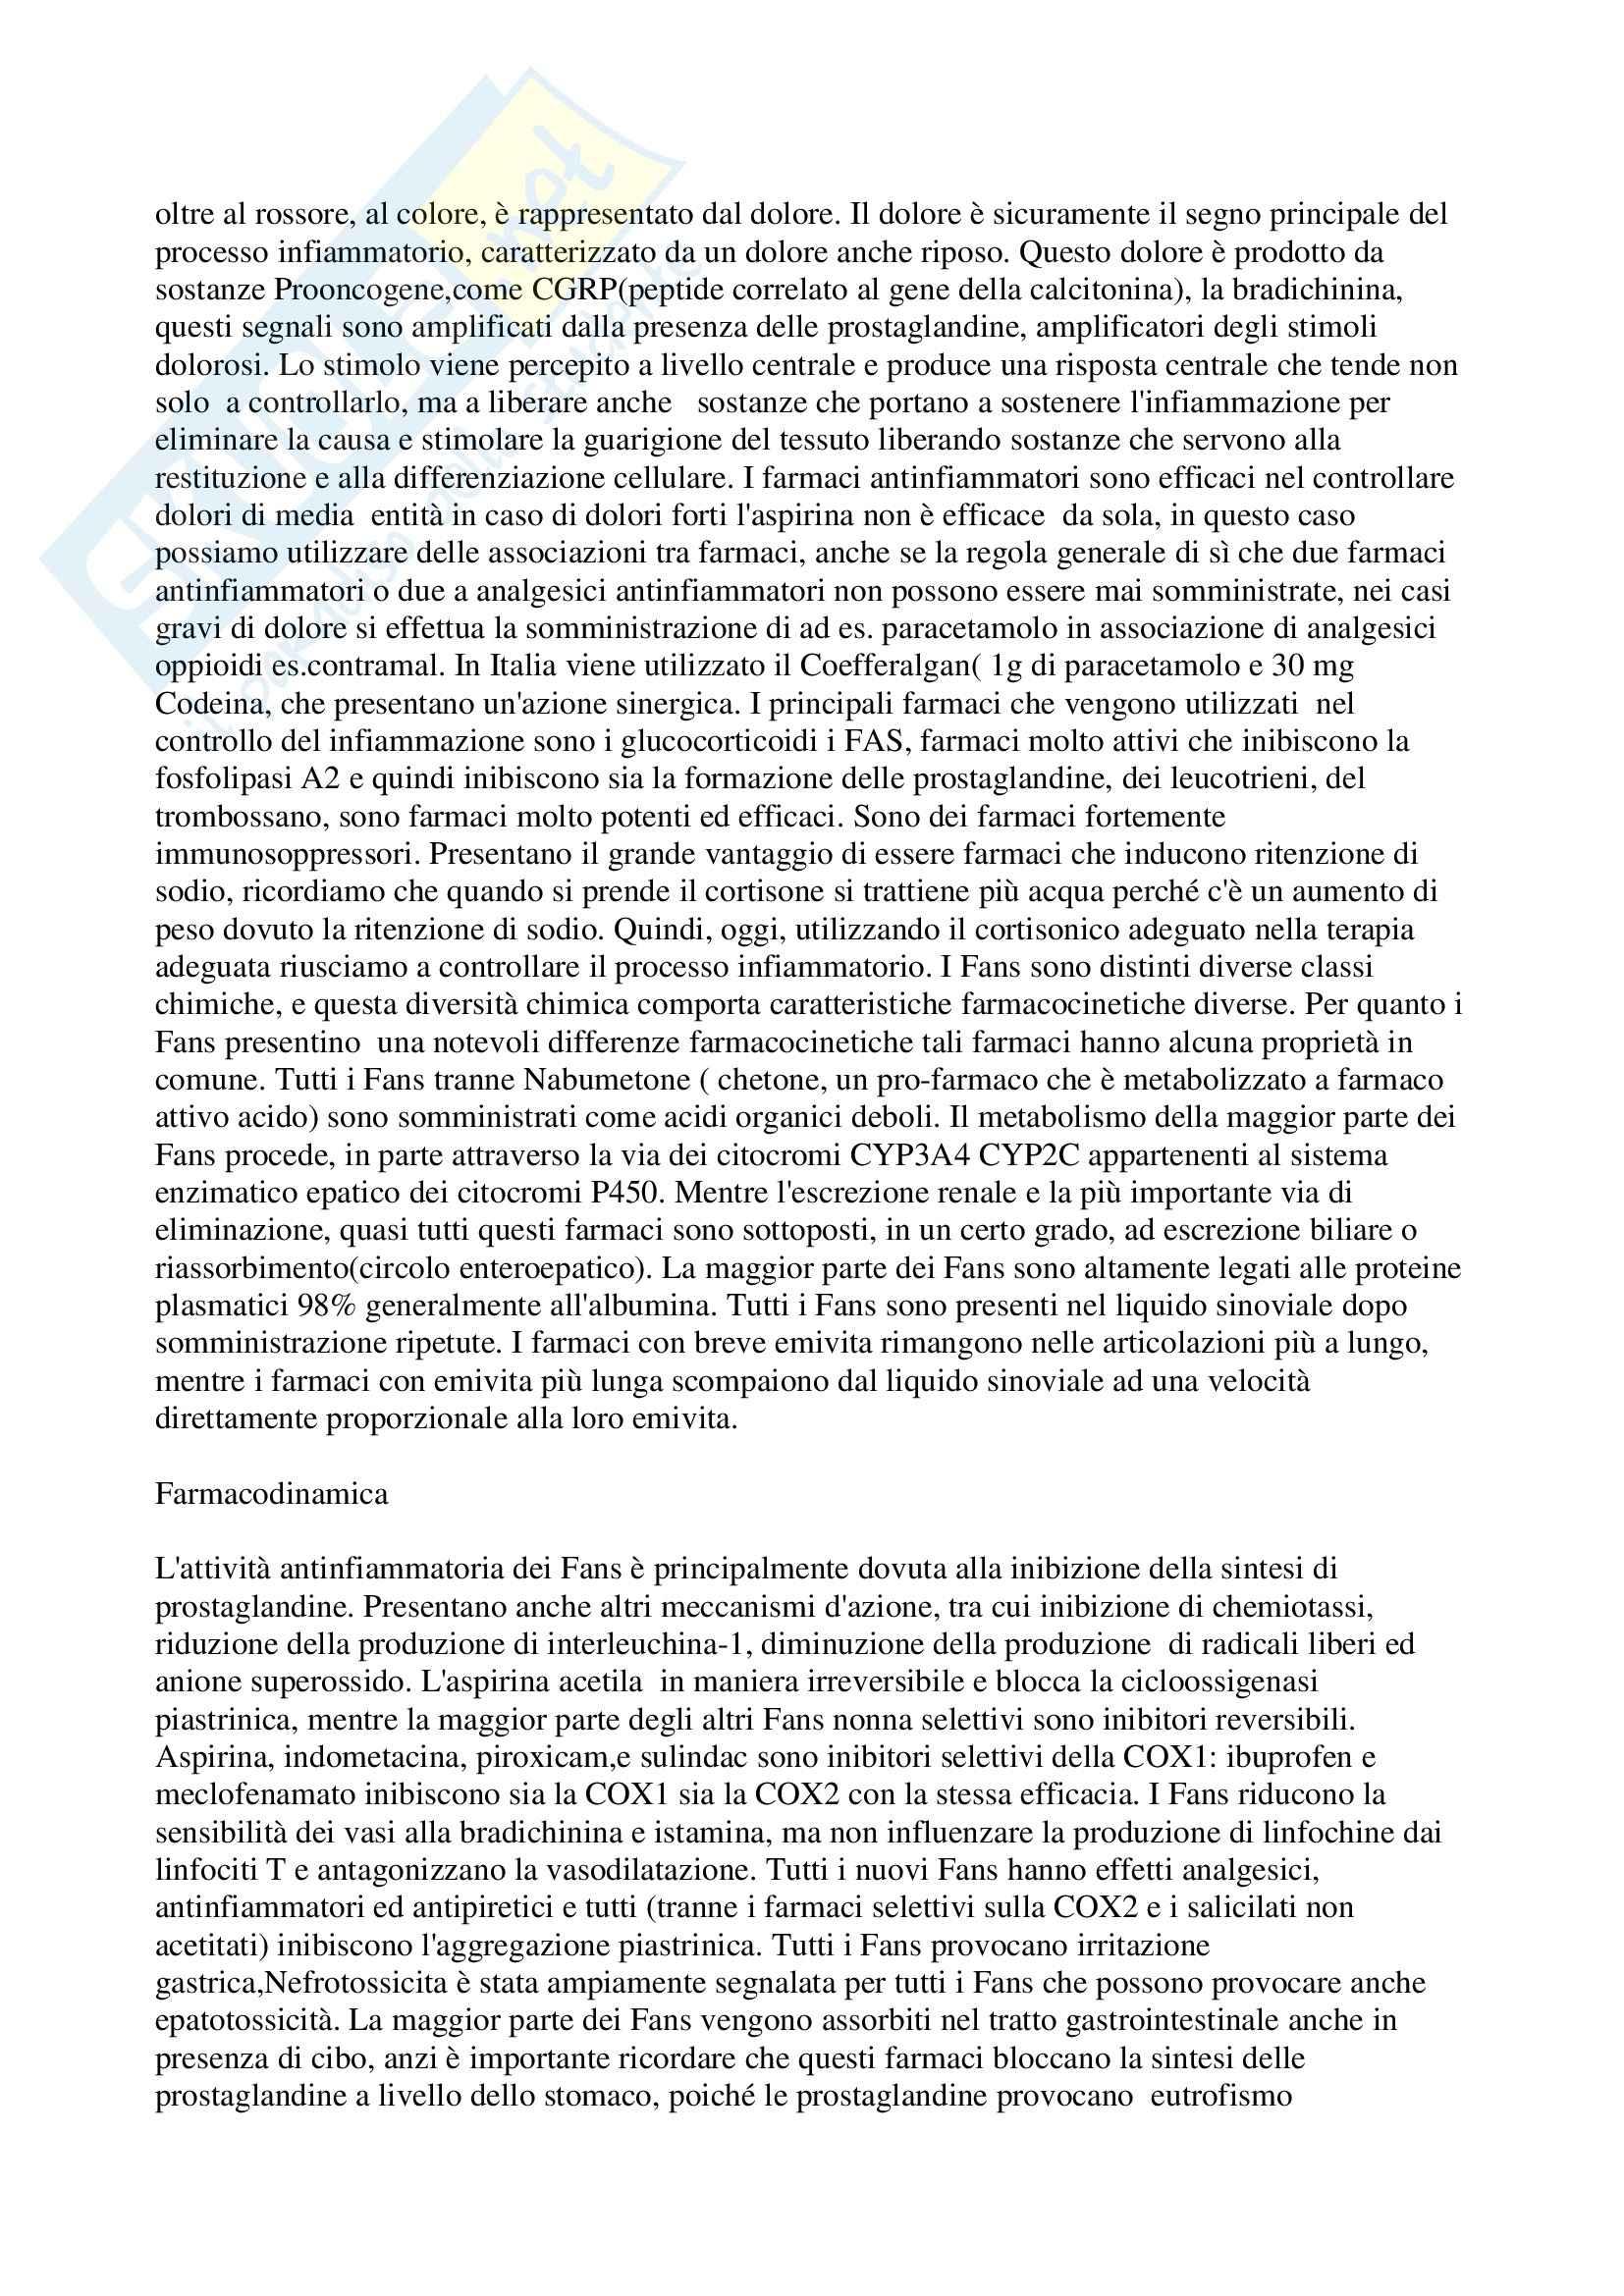 Farmacologia - farmaci antinfiammatori non steroidei Pag. 2